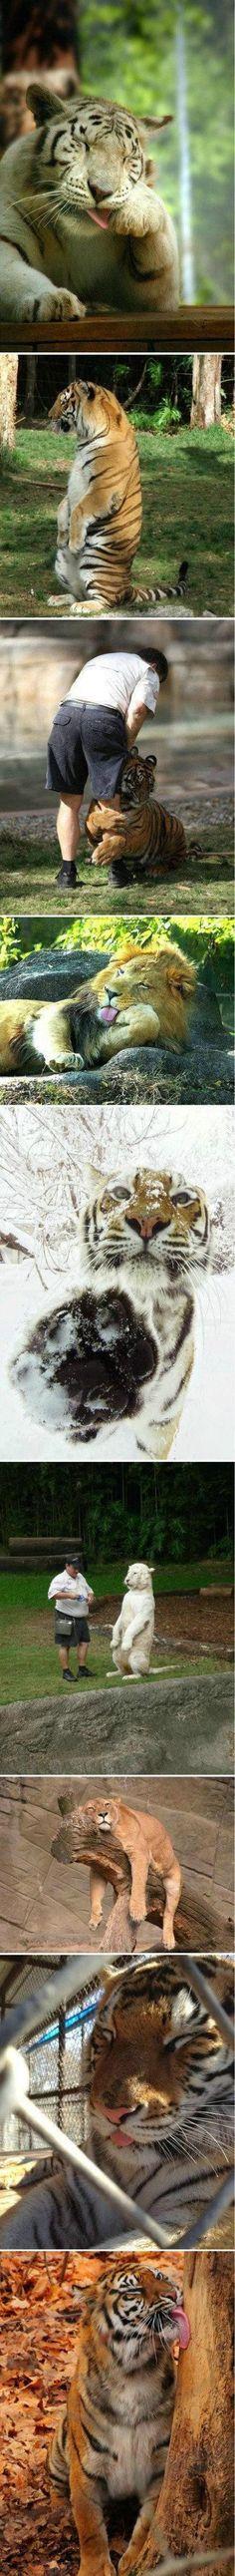 蠢萌的大猫...来自小怪兽反攻奥特曼的图片分享-堆糖